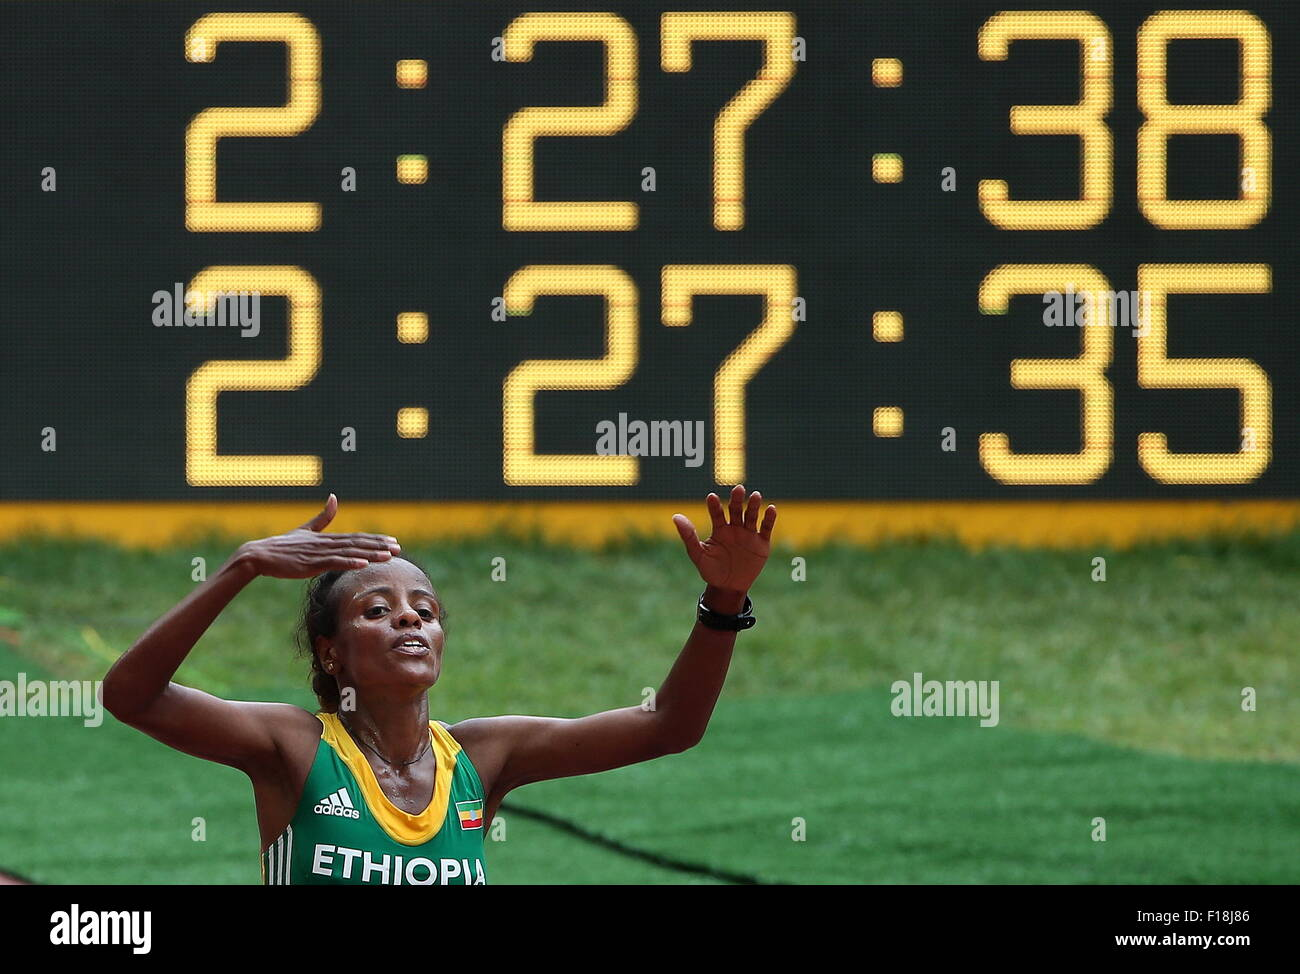 Beijing, Chine. Août 30, 2015. L'Éthiopie a Mare Dibaba remporte une médaille d'or dans la Photo Stock